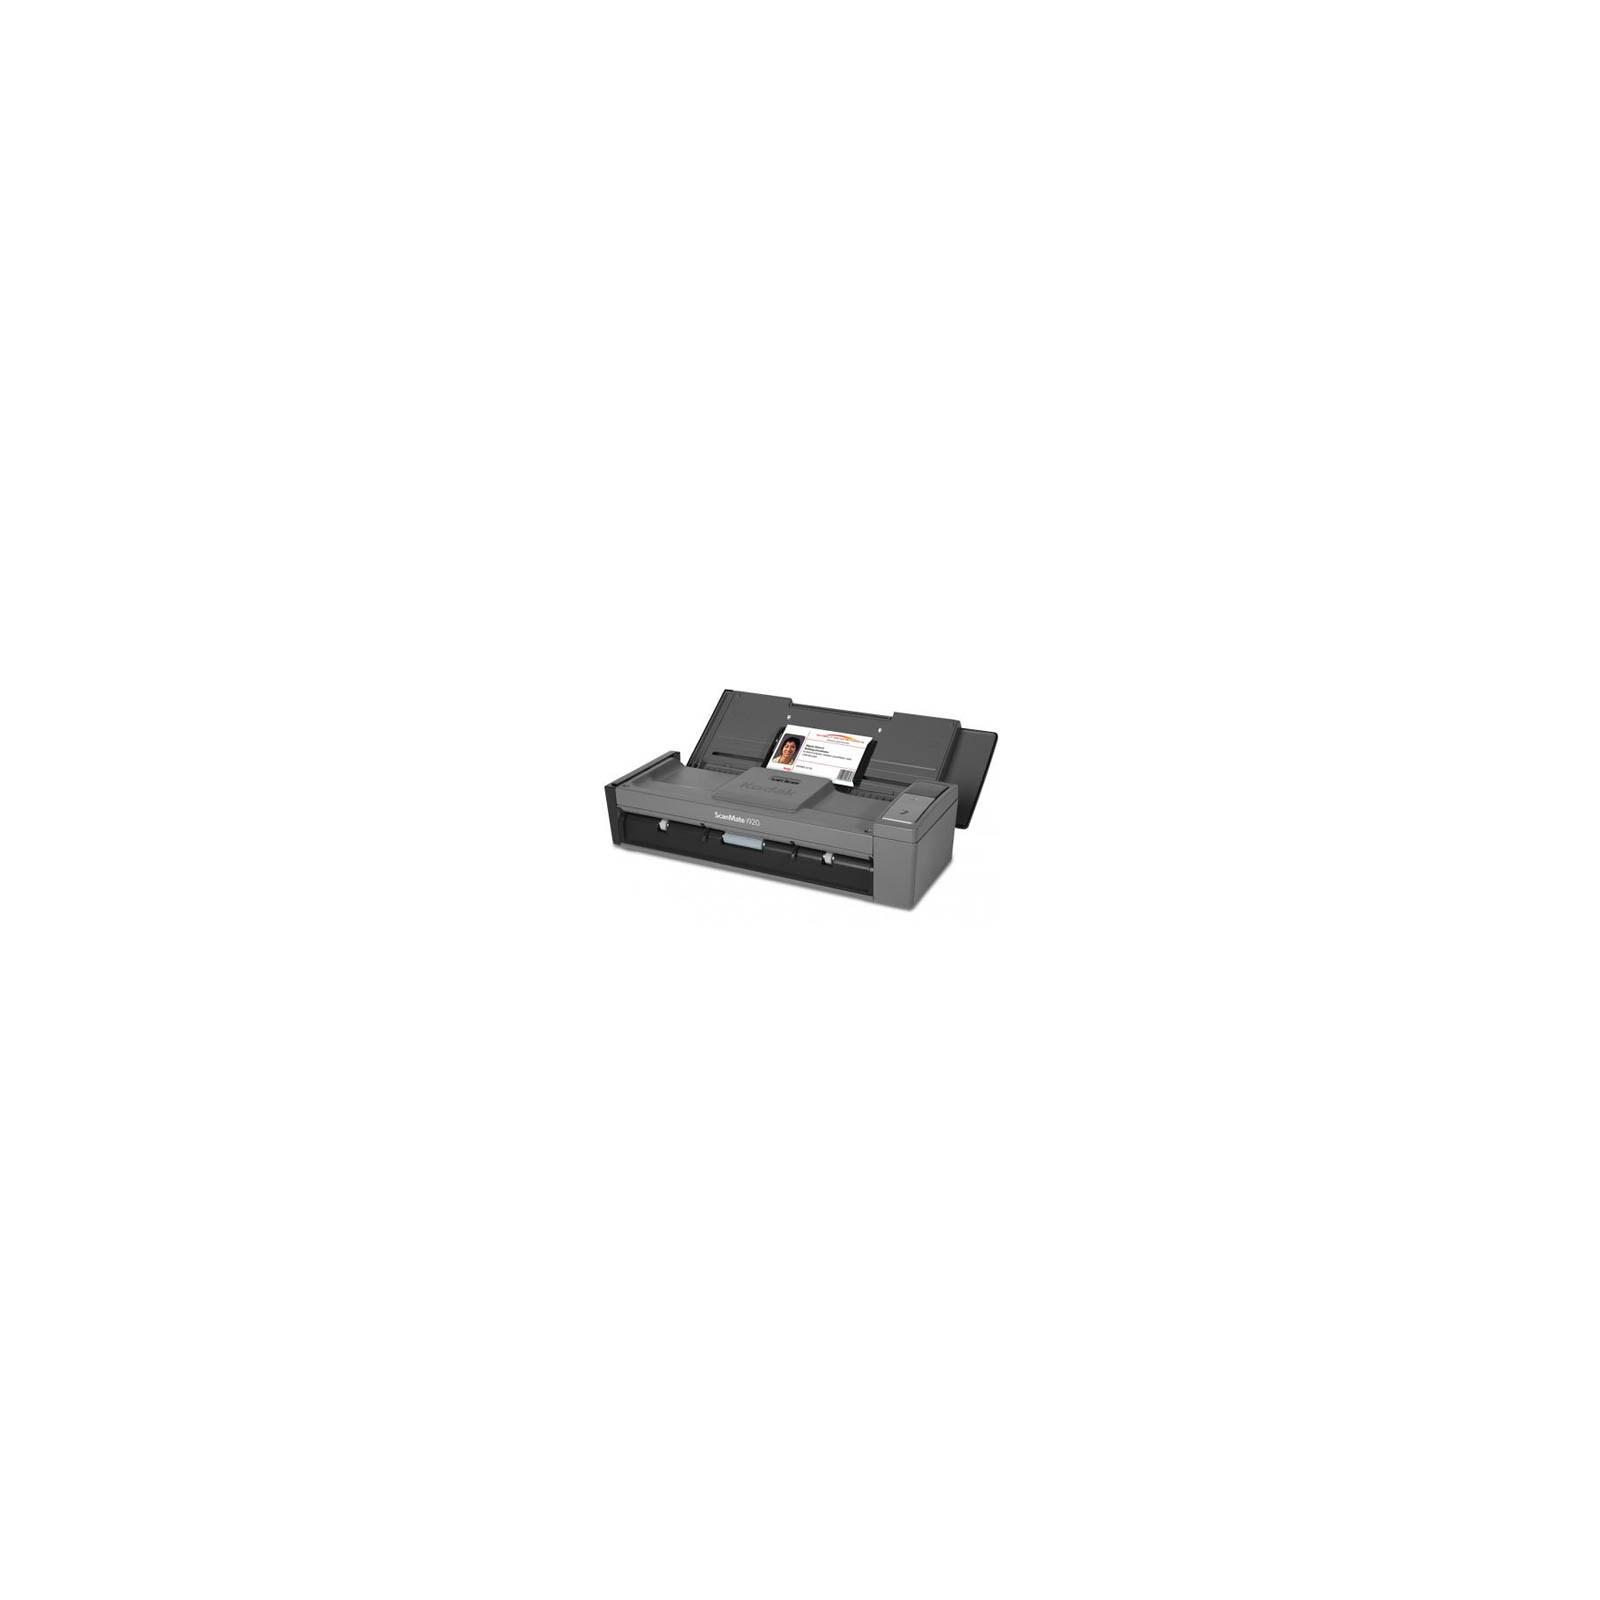 Сканер Kodak i920 (8462434)